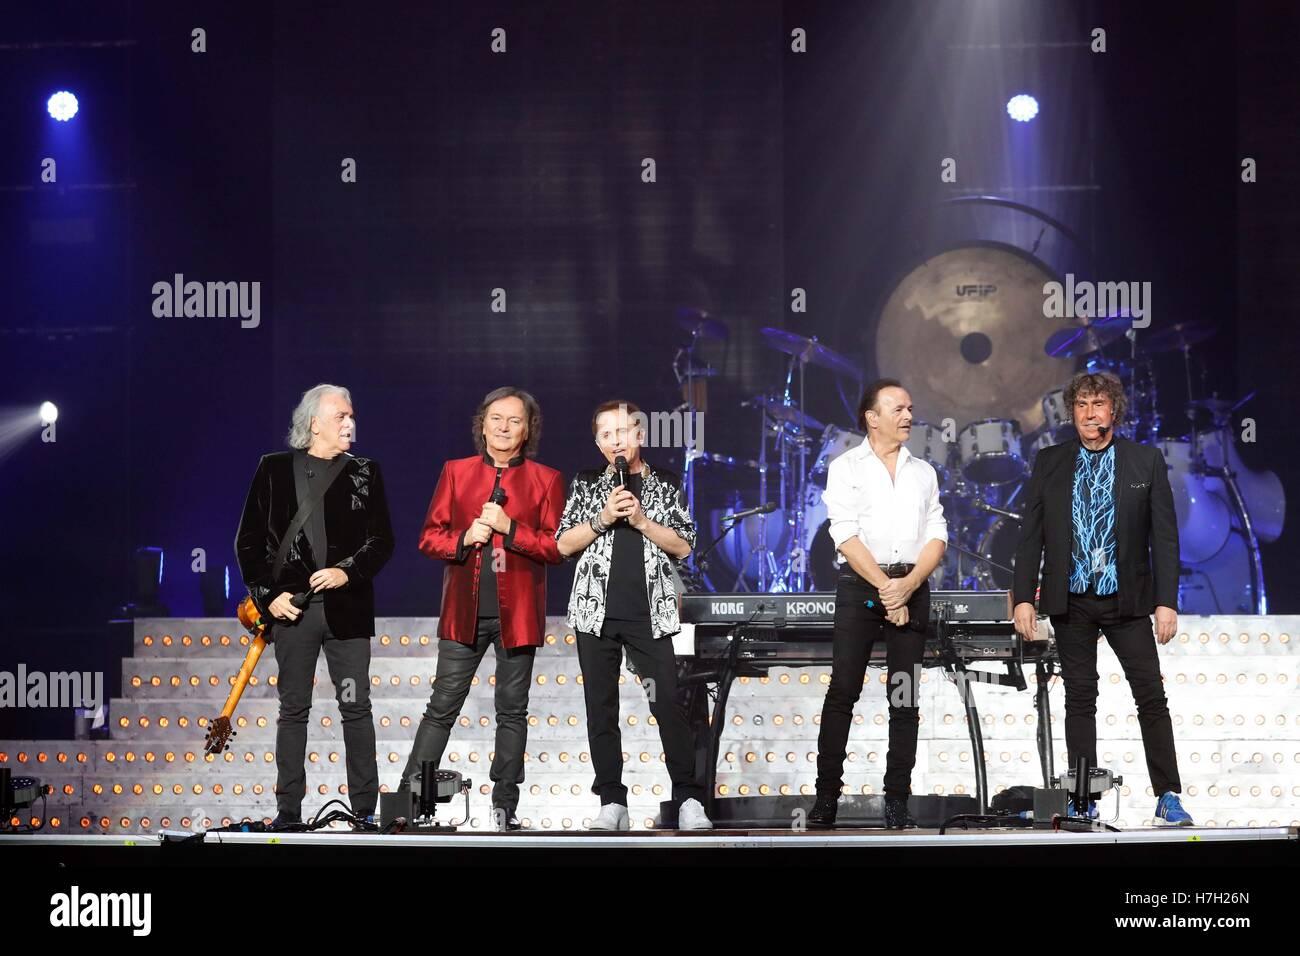 """Italienische Band Pooh spielen live auf der Bühne """"Reunion 50' im Palalottomatica in Rom Stockbild"""